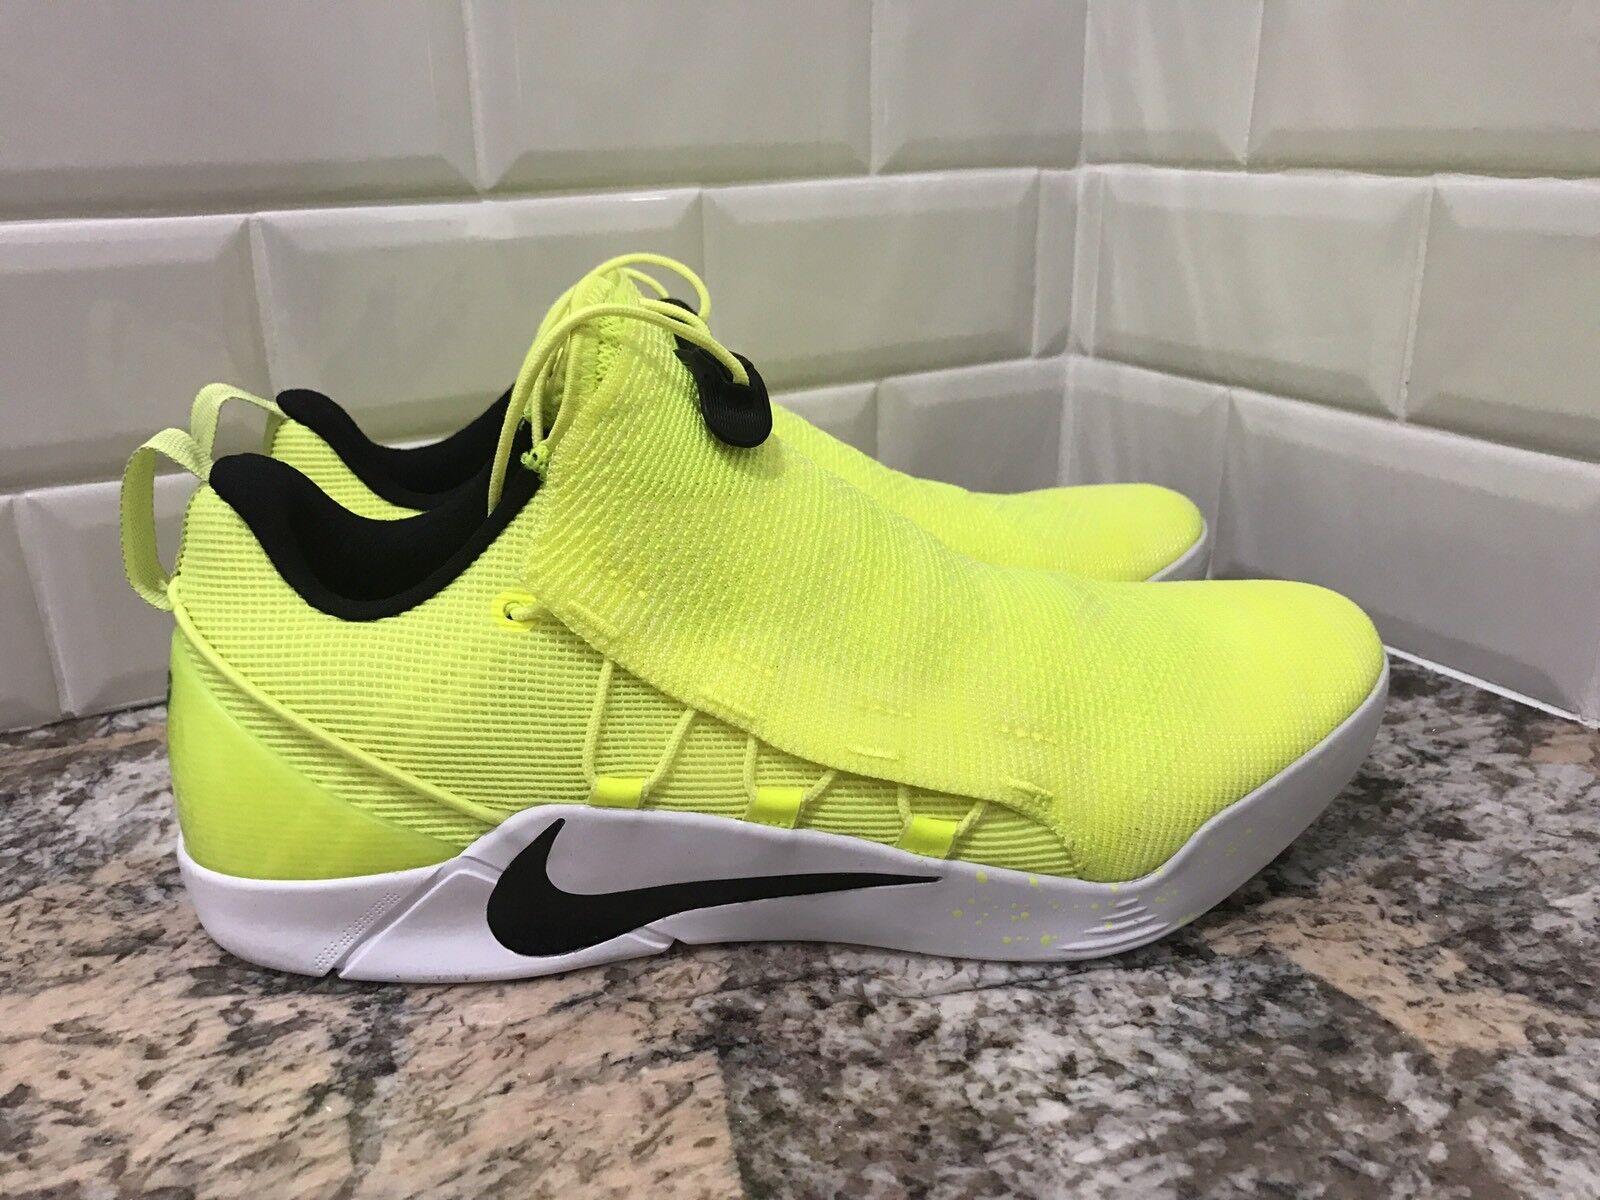 Nike Kobe A.D. NXT HMD Volt White Yellow Mamba Bryant Men's SZ 10 916832-710